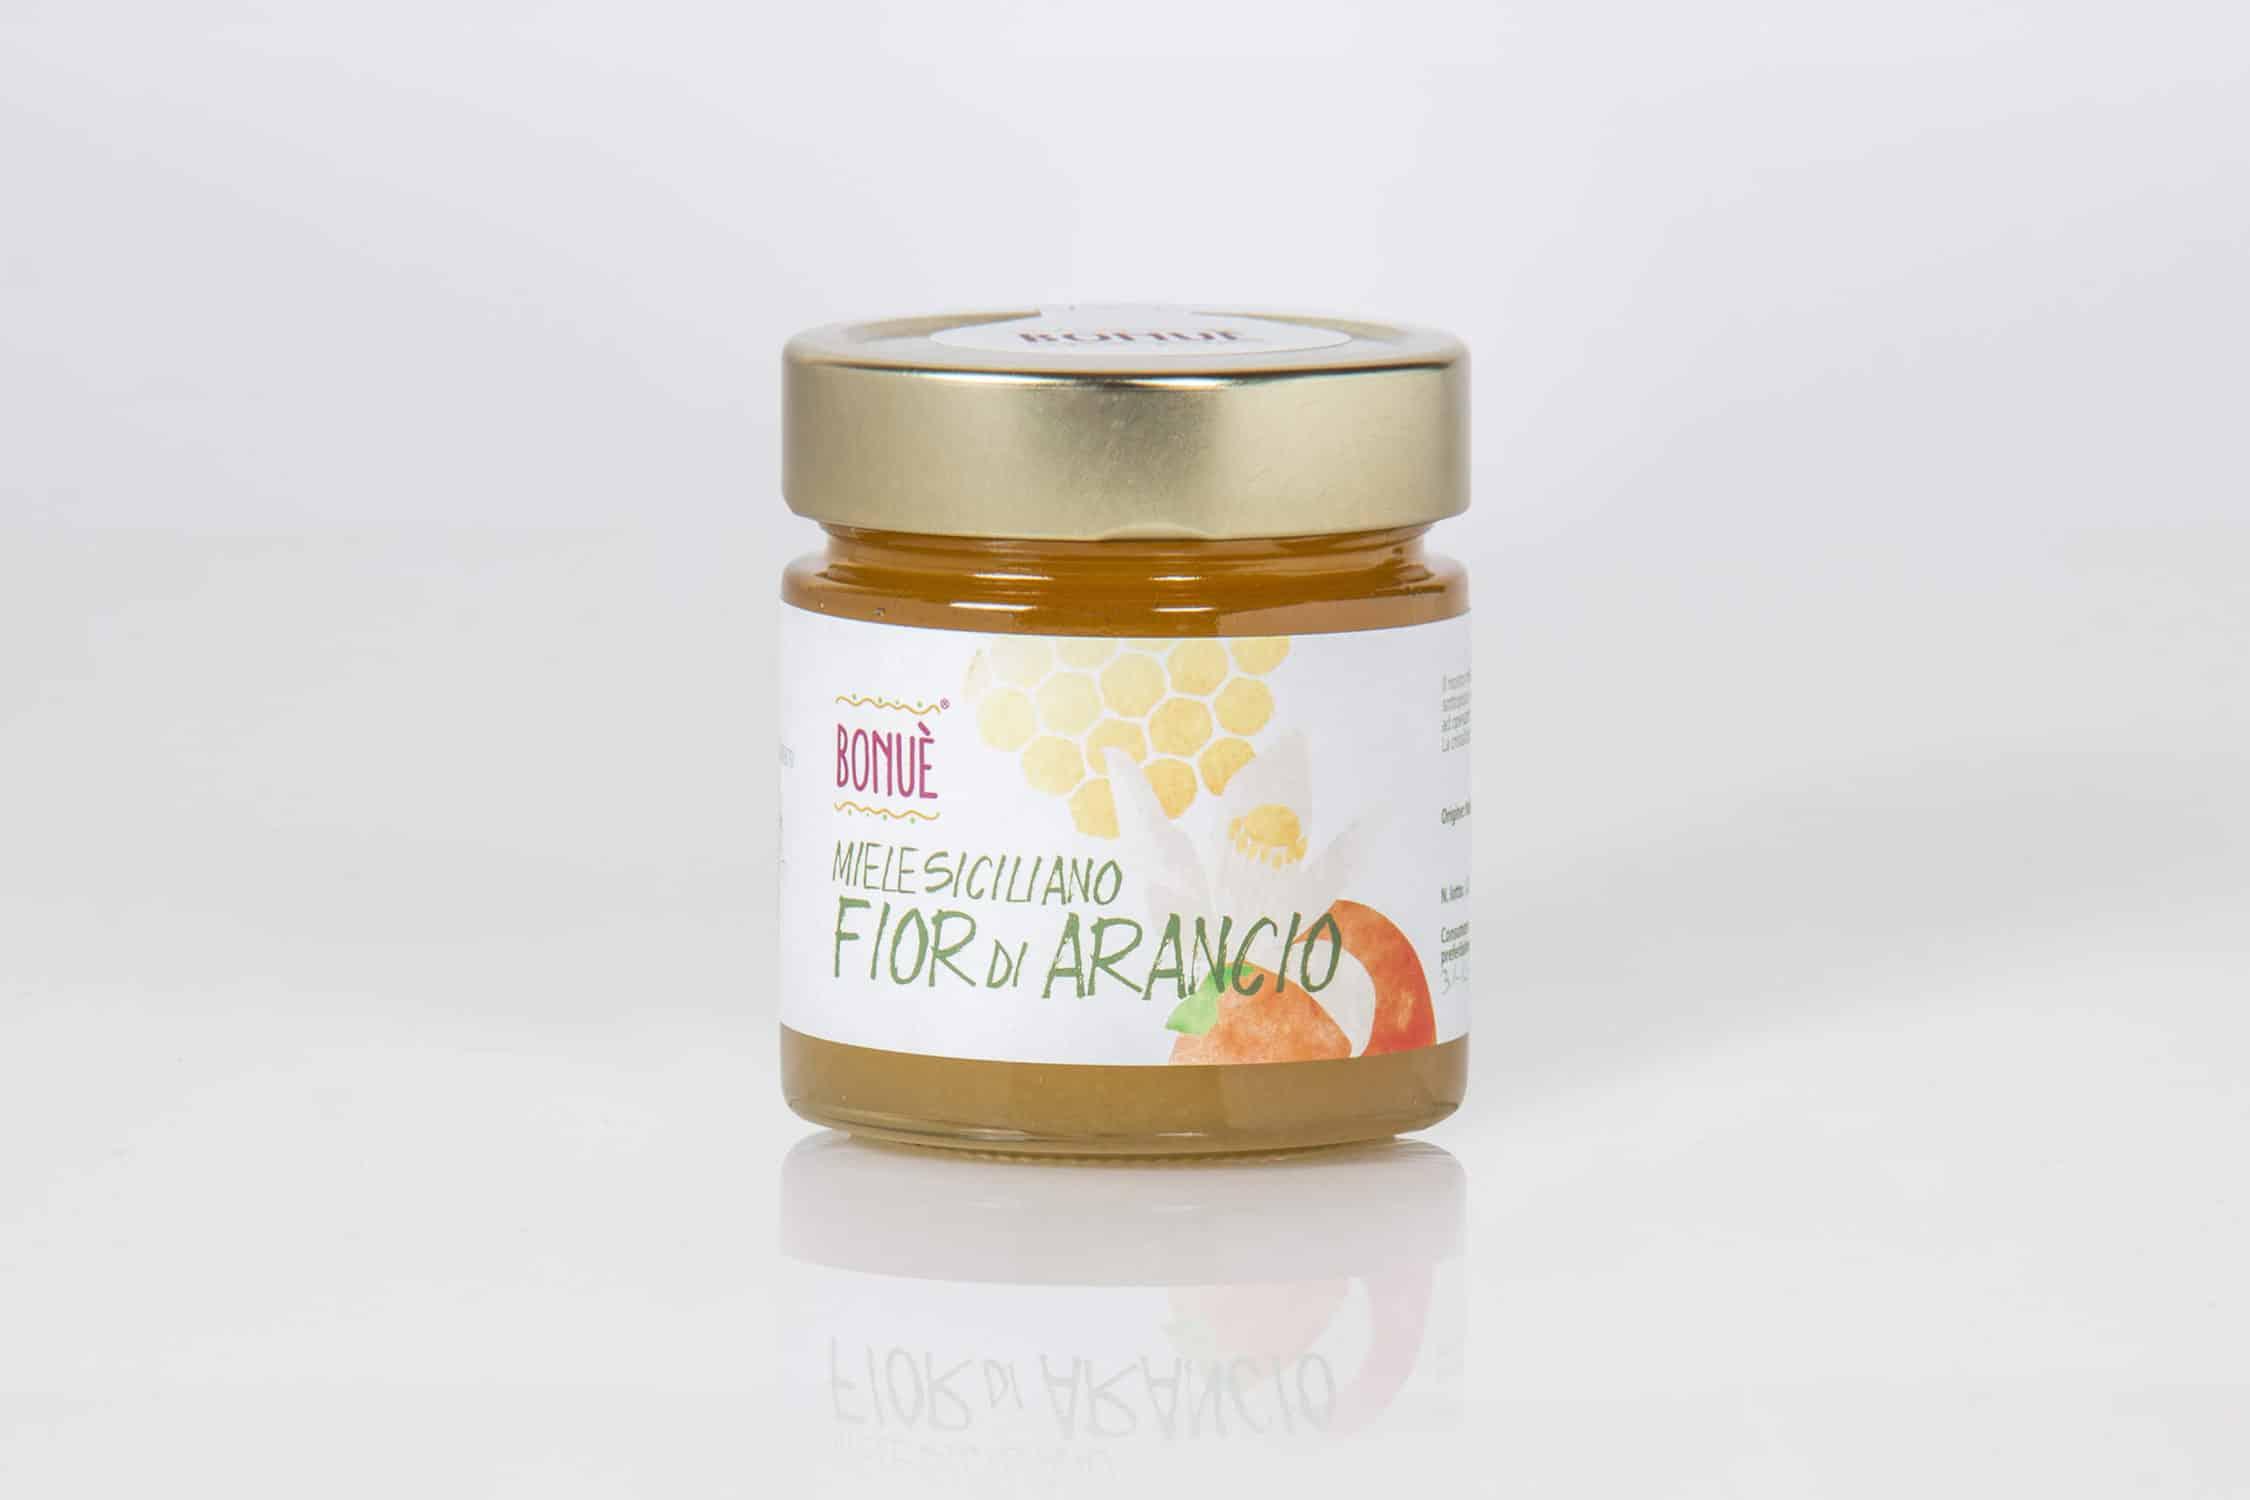 Miele siciliano Fior d'Arancio Bonuè vasetto 300g